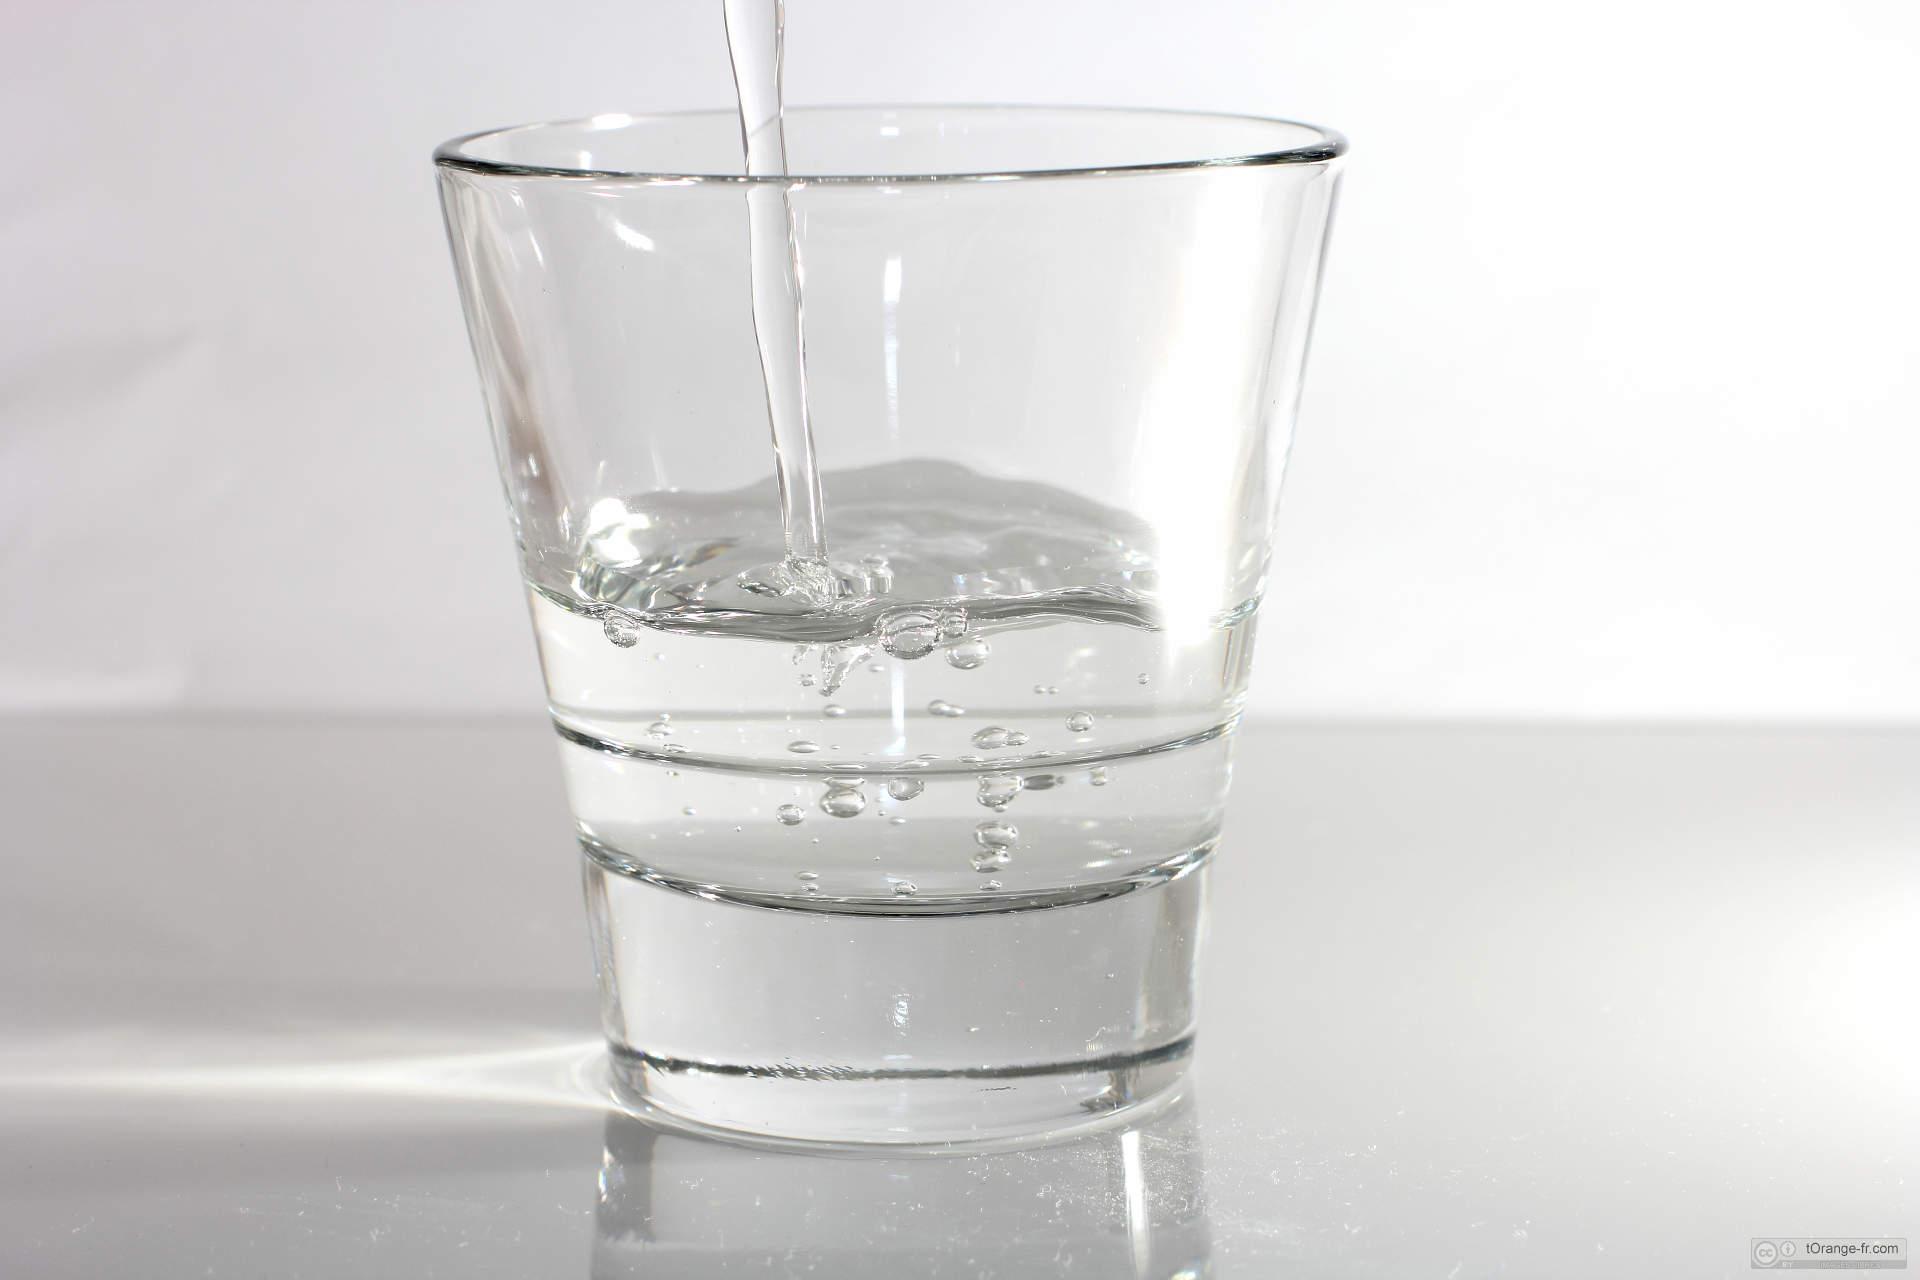 Projet volontaire d'analyse de la qualité de l'eau de votre puits résidentiel